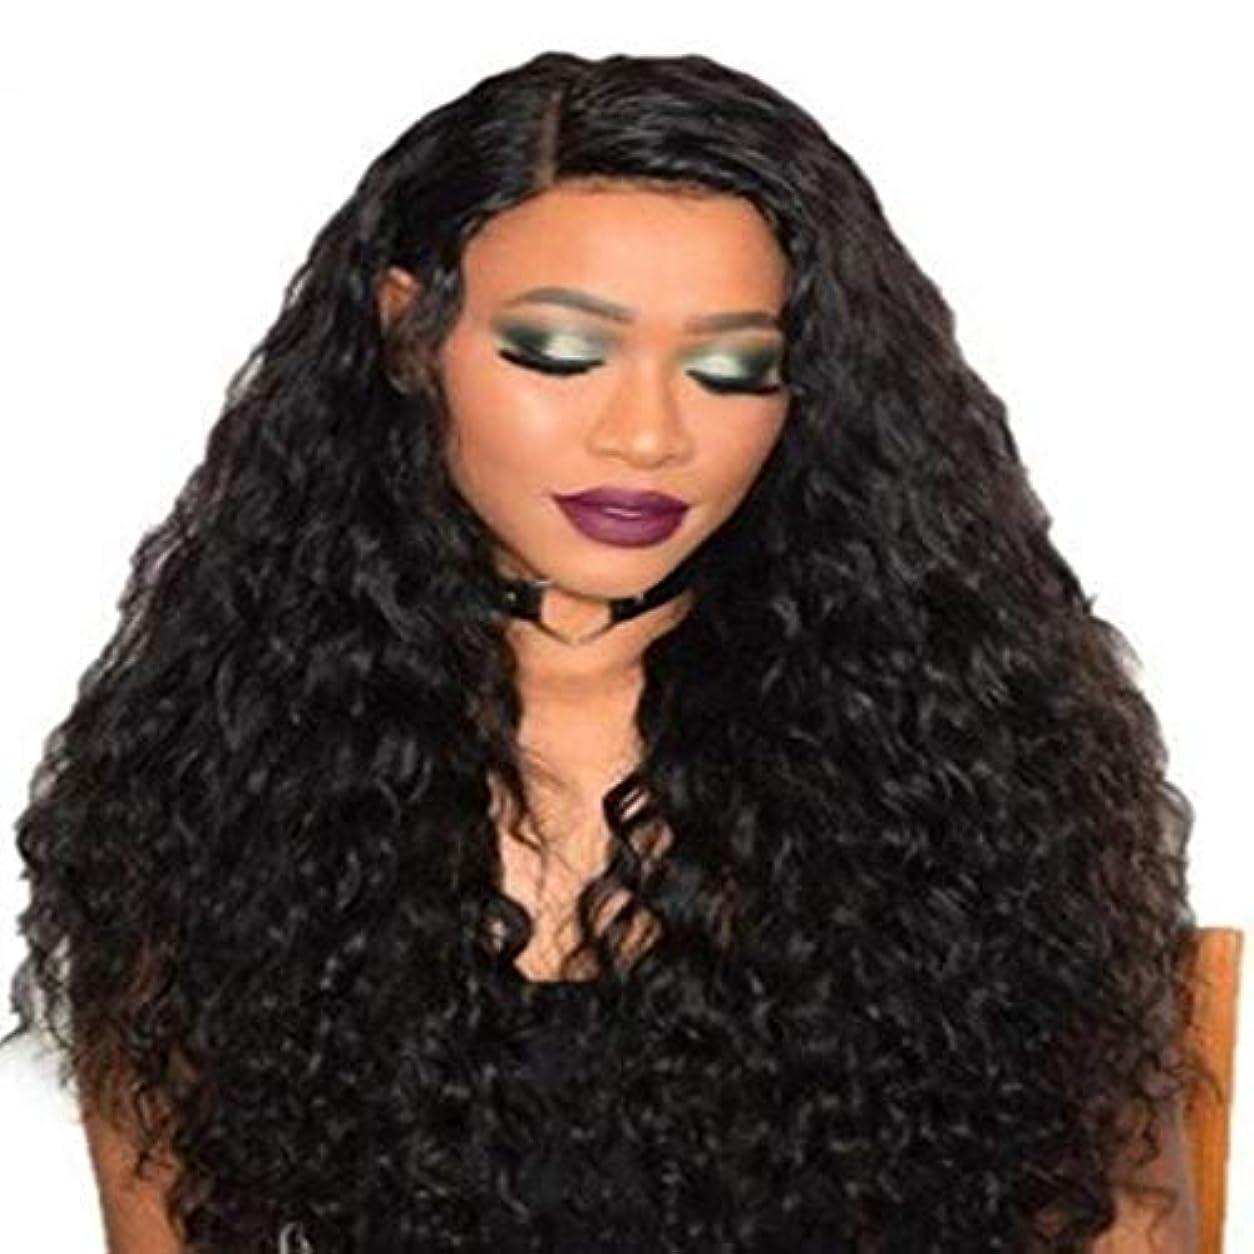 シャッフル同化献身女性の黒いトウモロコシ長い巻き毛のかつら75 cm